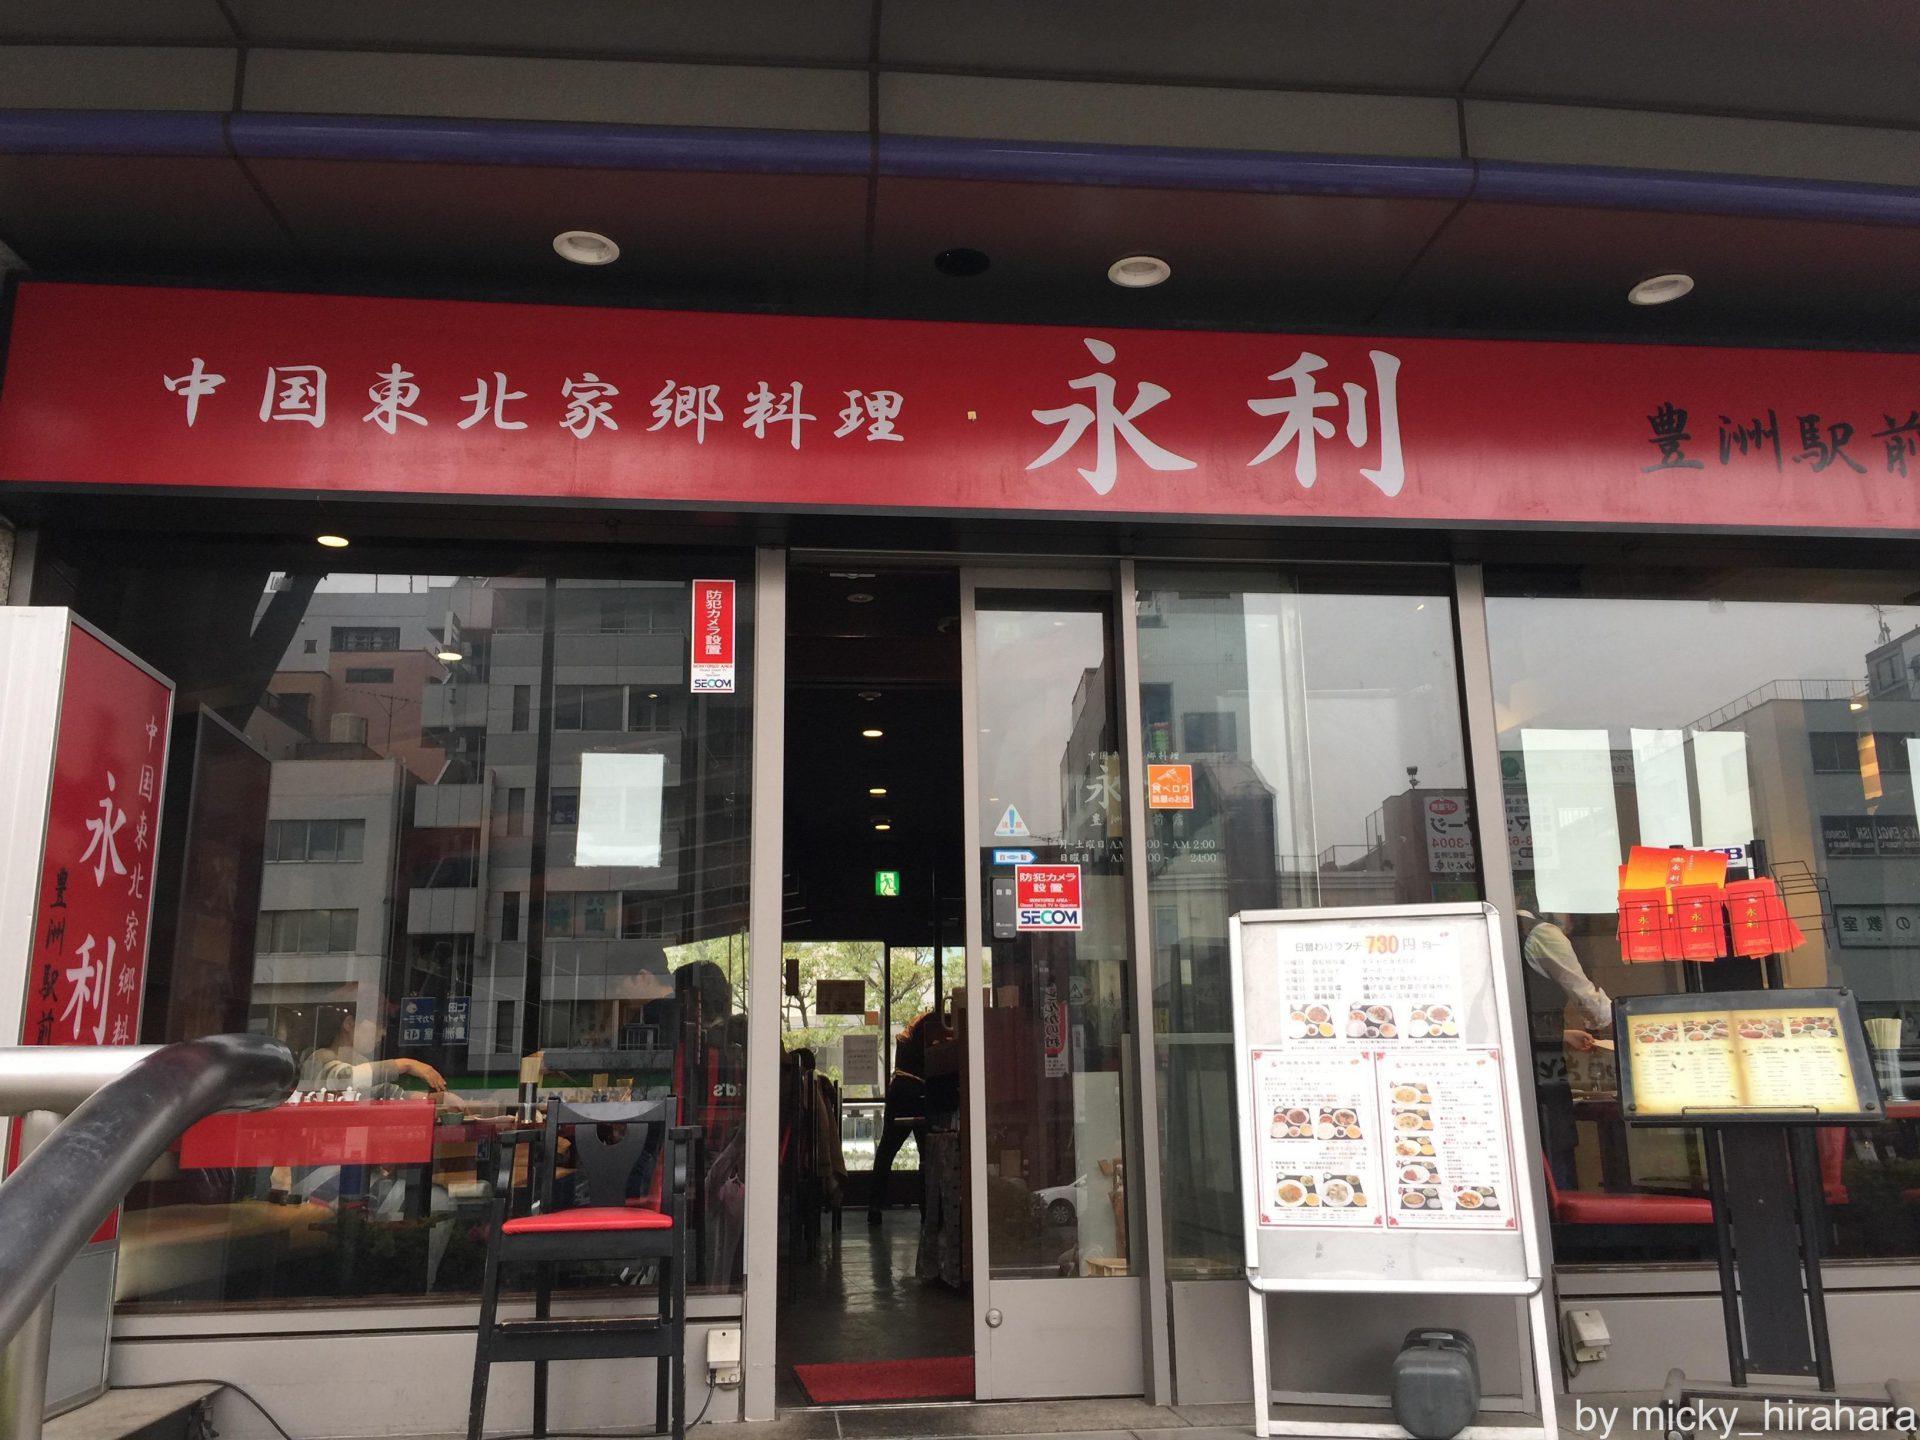 永利豊洲店